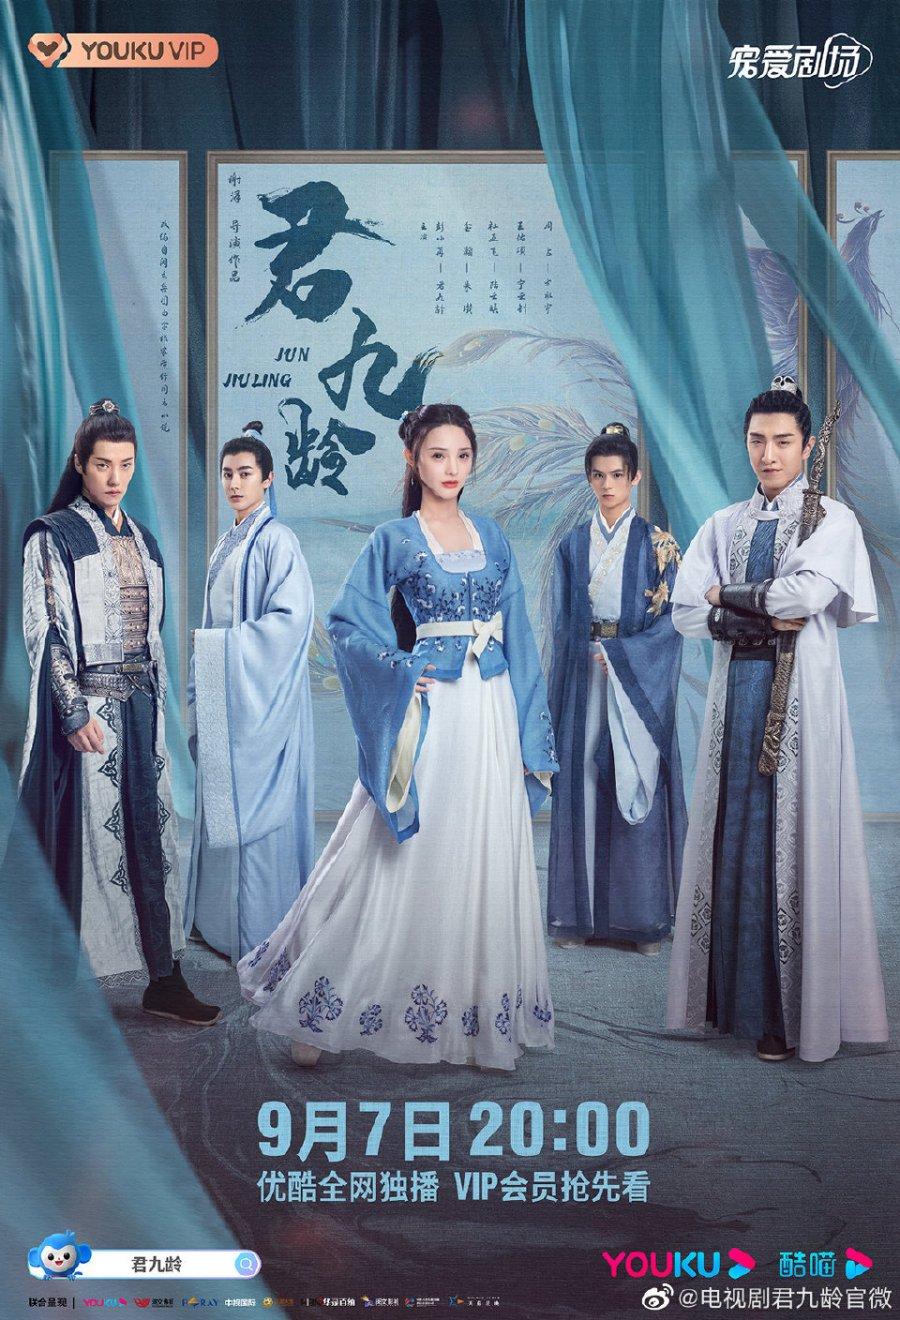 jun-jiu-ling-หวนชะตารัก-ซับไทย-ep-1-40